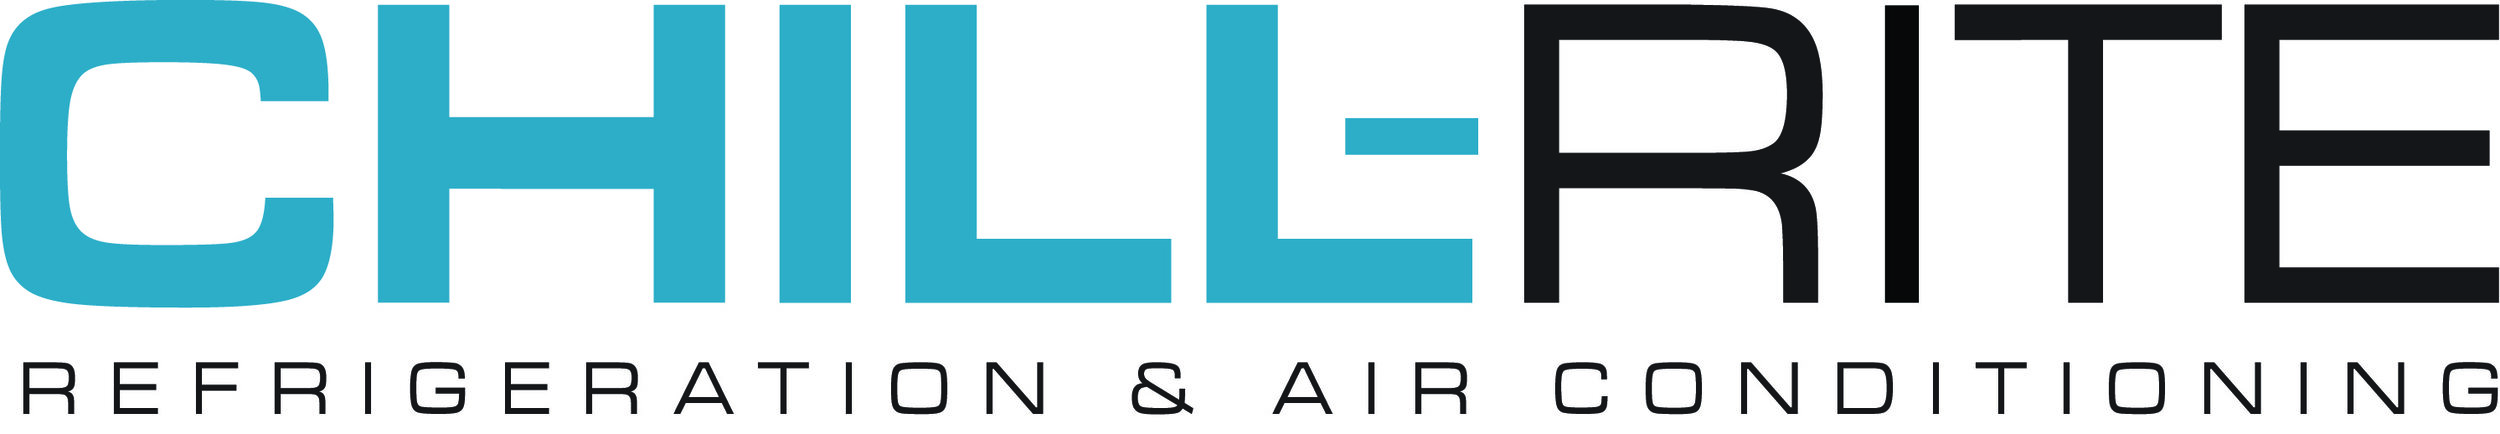 Chillrie logo.jpg